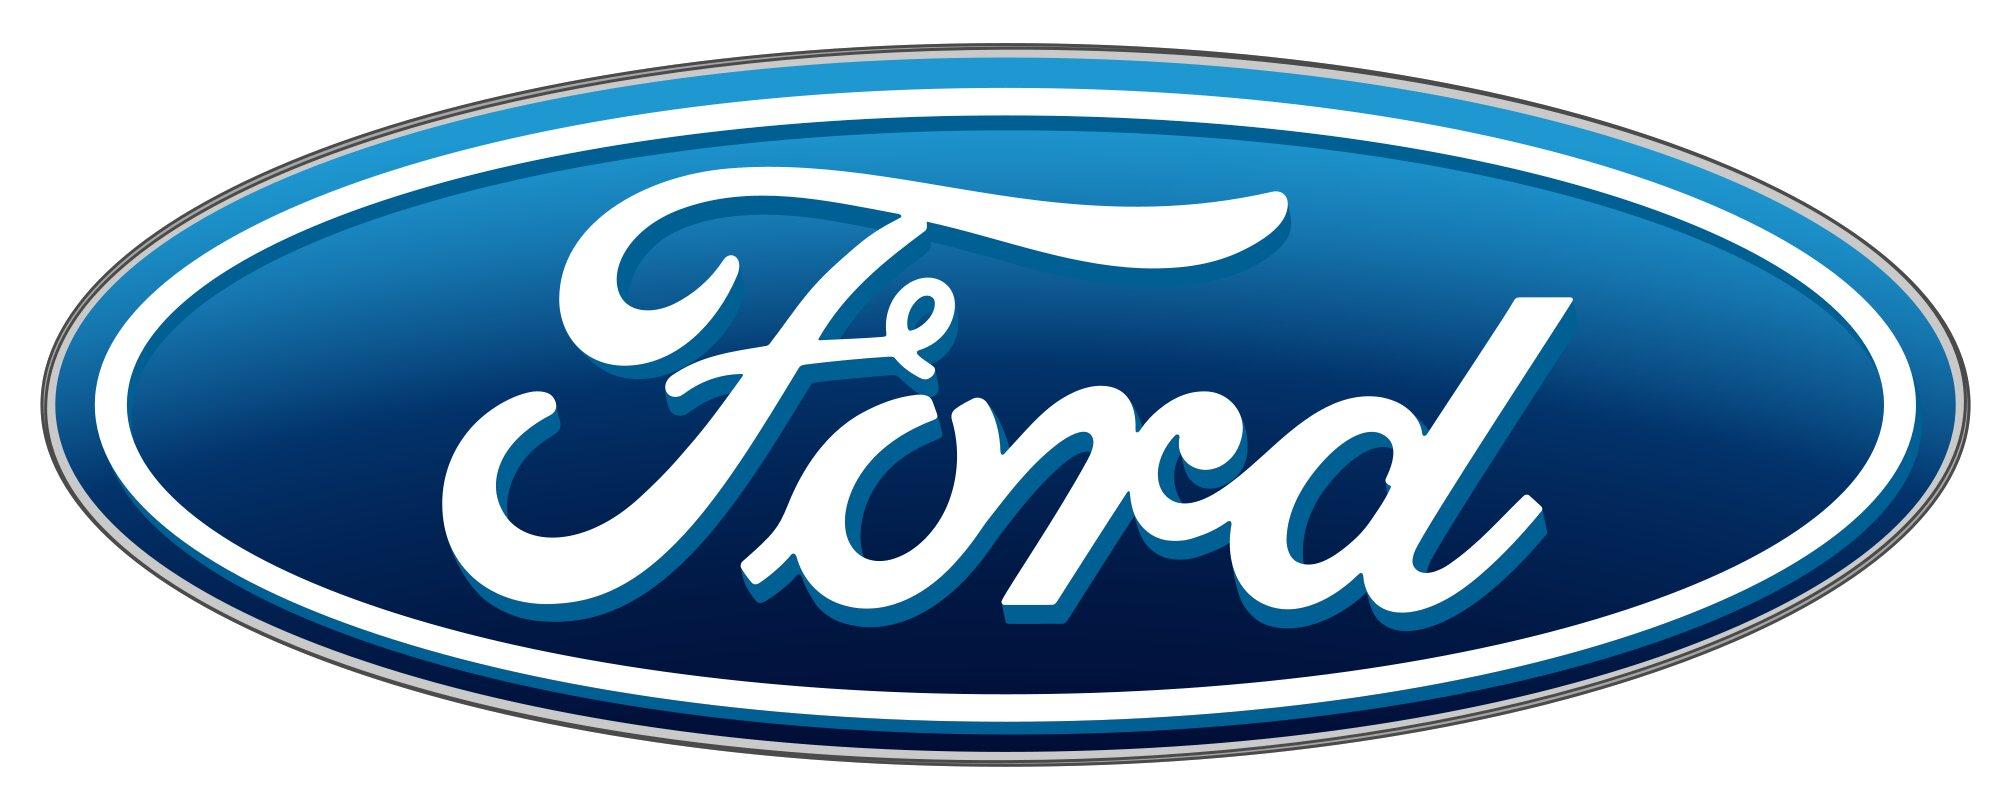 Bảng giá các loại lốp dành cho ô tô Ford